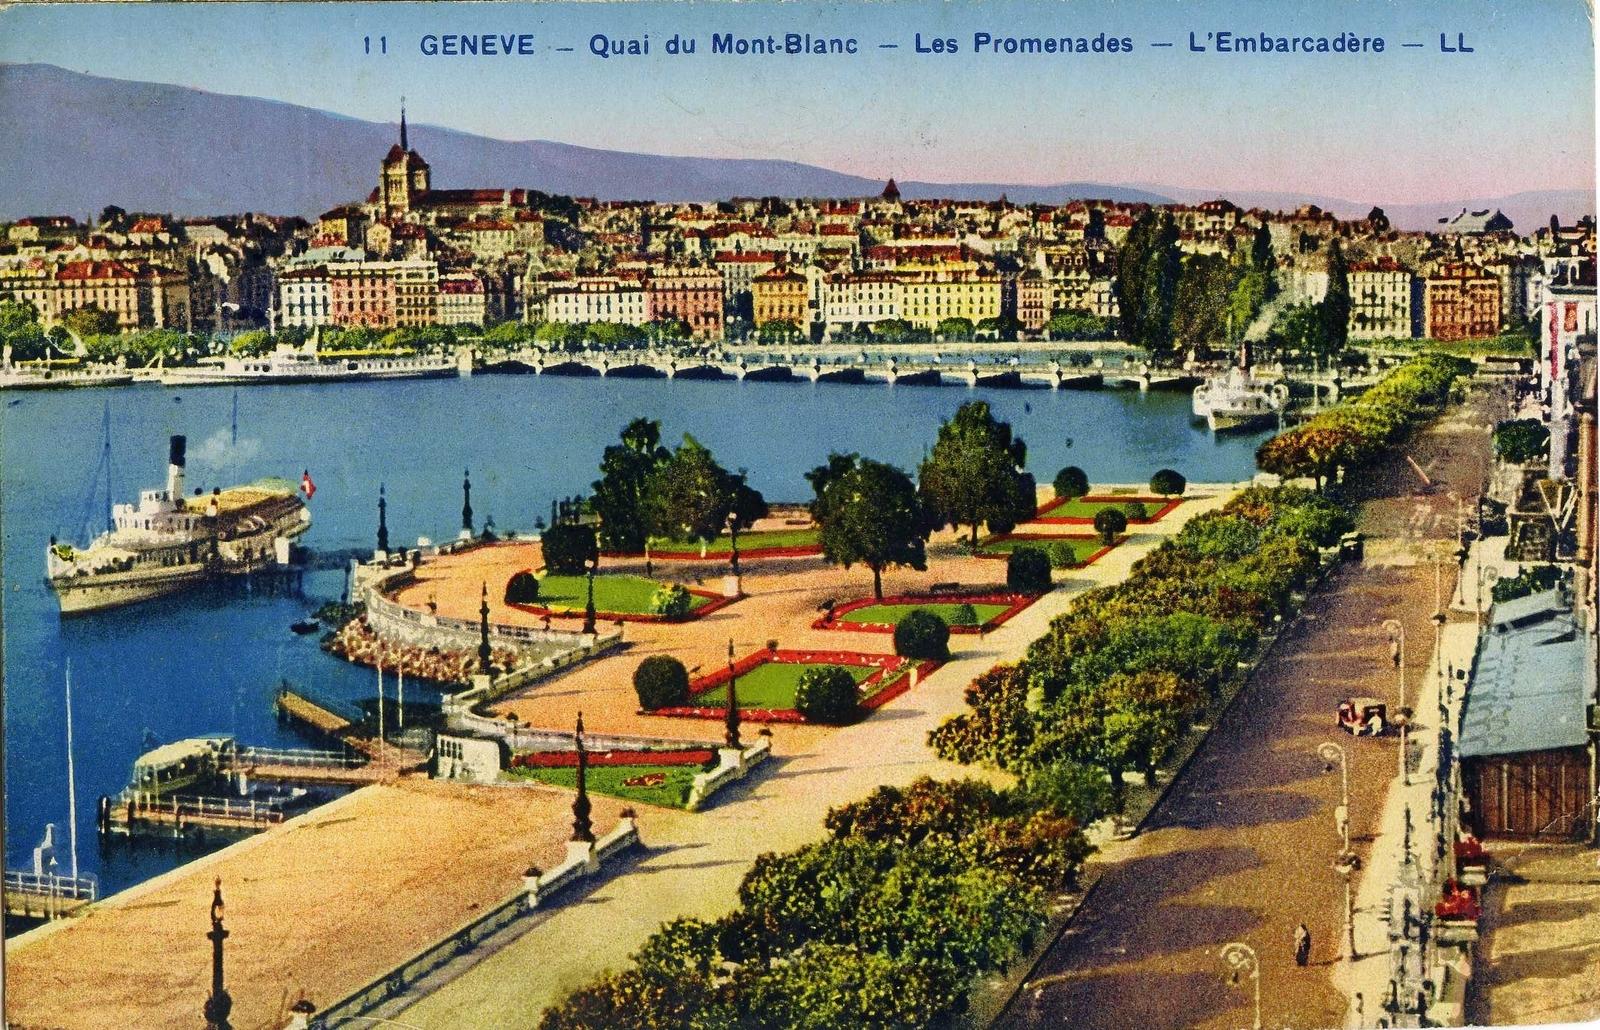 Genève - Quai du Mont Blanc - Les promenades - L'embarcadère.